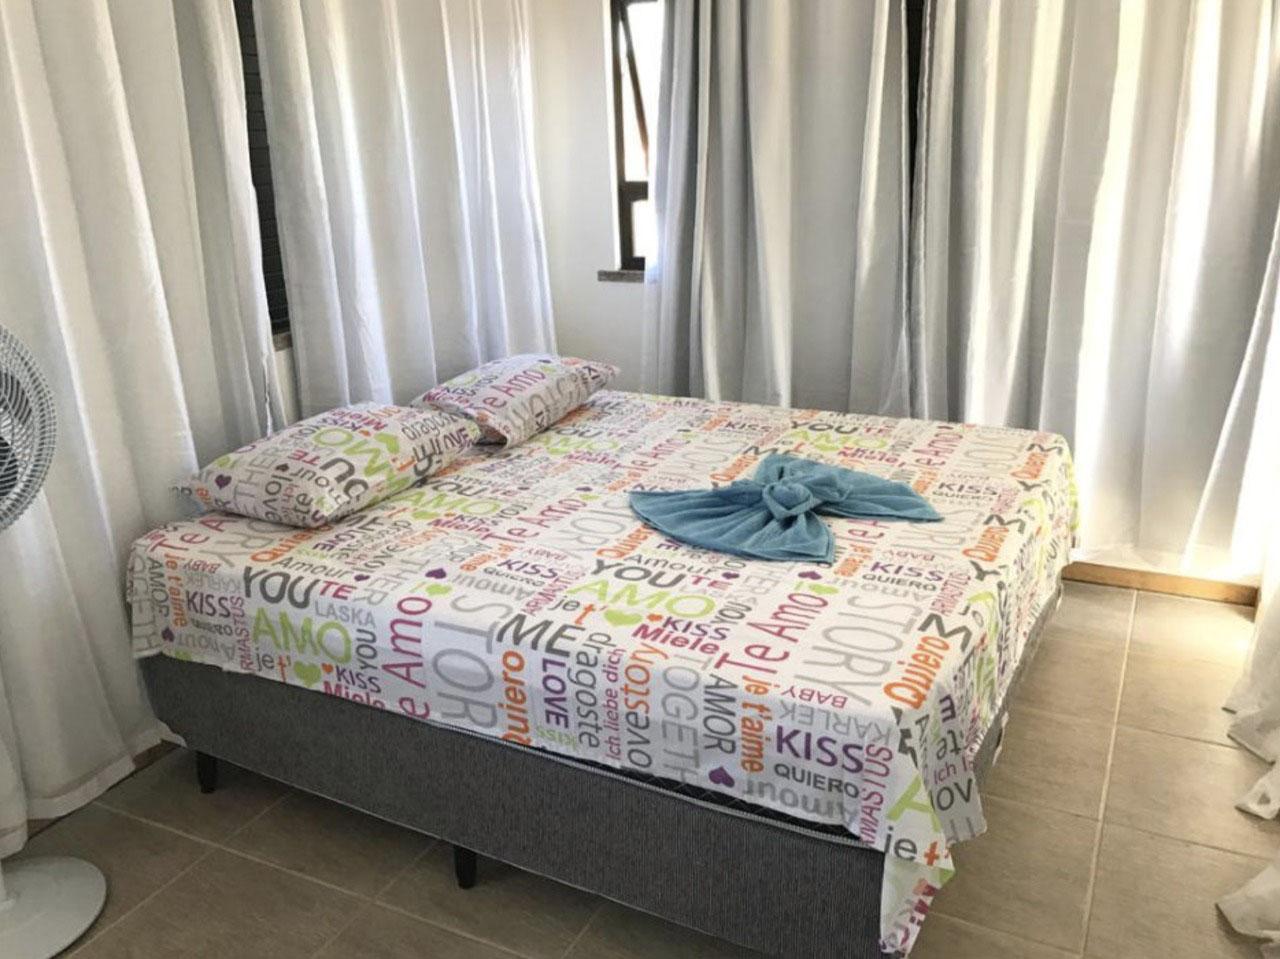 2 diárias em Flat para até 6 adultos e 2 crianças até 7 anos de R$920 por R$790